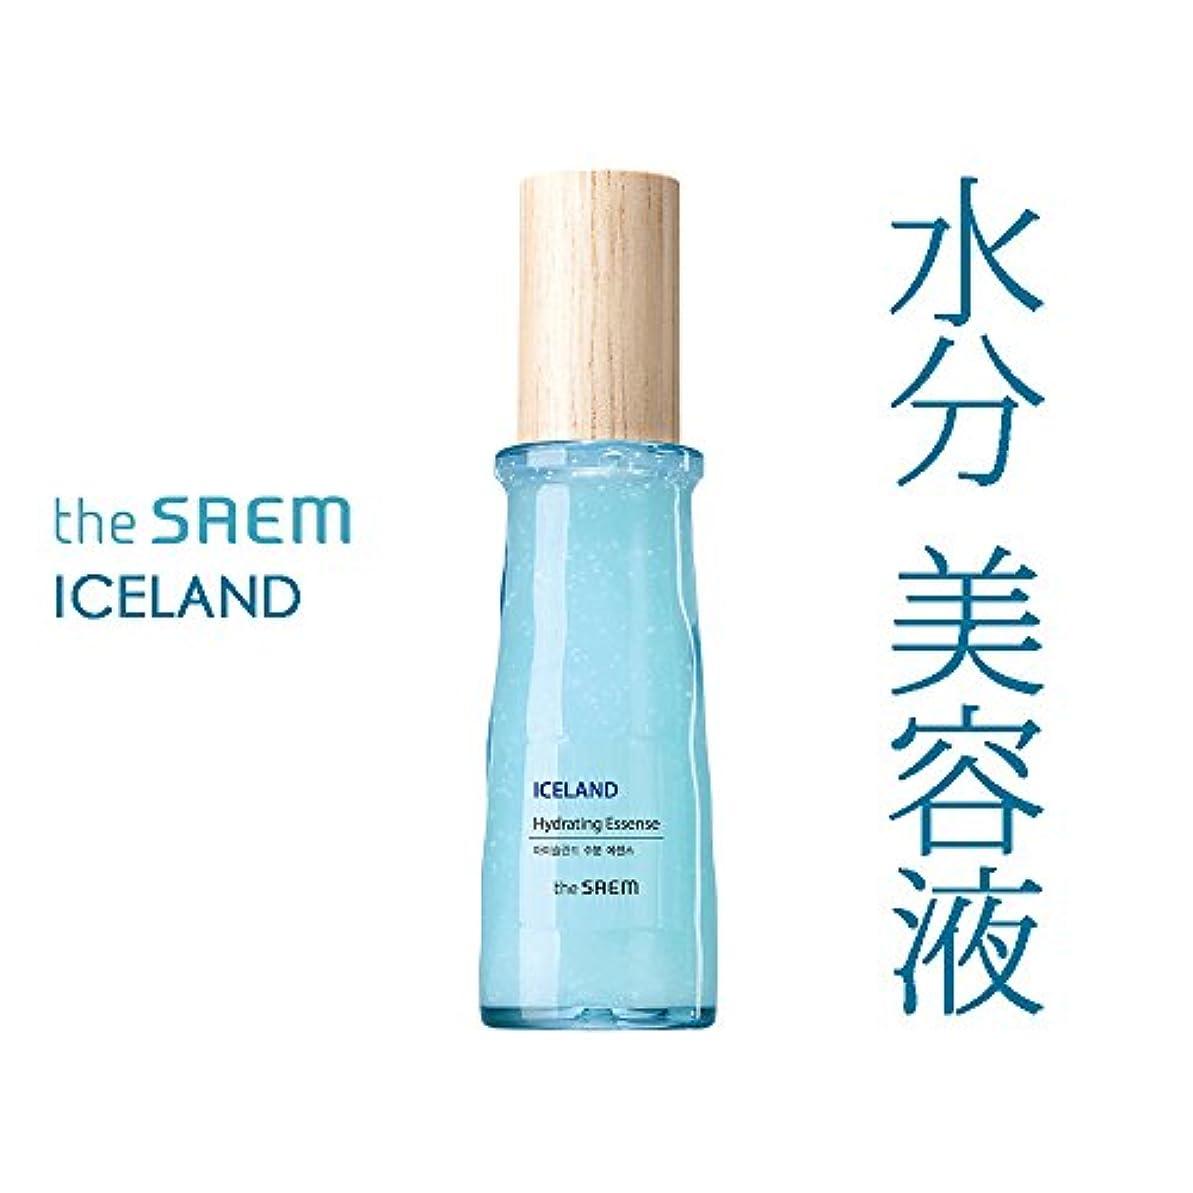 ダーツテクスチャー野球ザ セム The saem アイスランド 水分 美容液 エッセンス The Saem Iceland Hydrating Essence 60ml